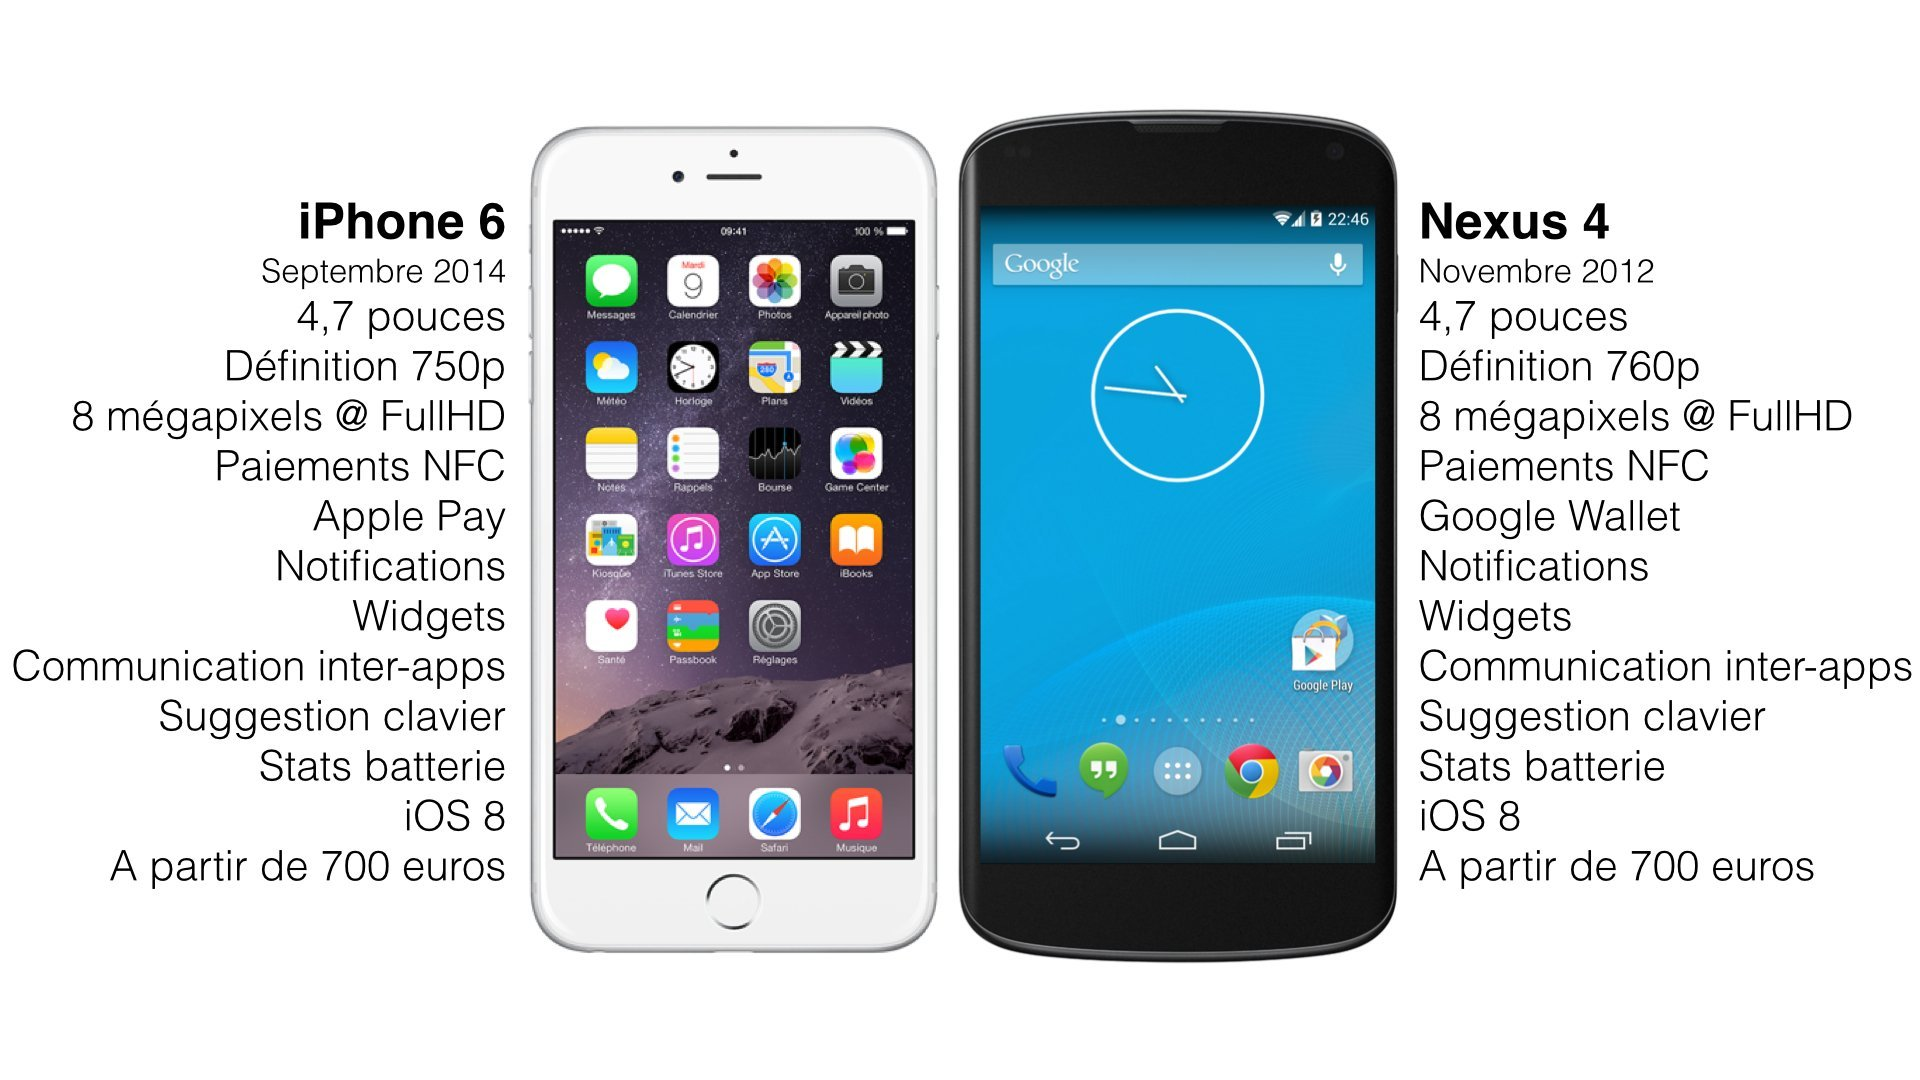 L'iPhone 6 existait déjà en 2012